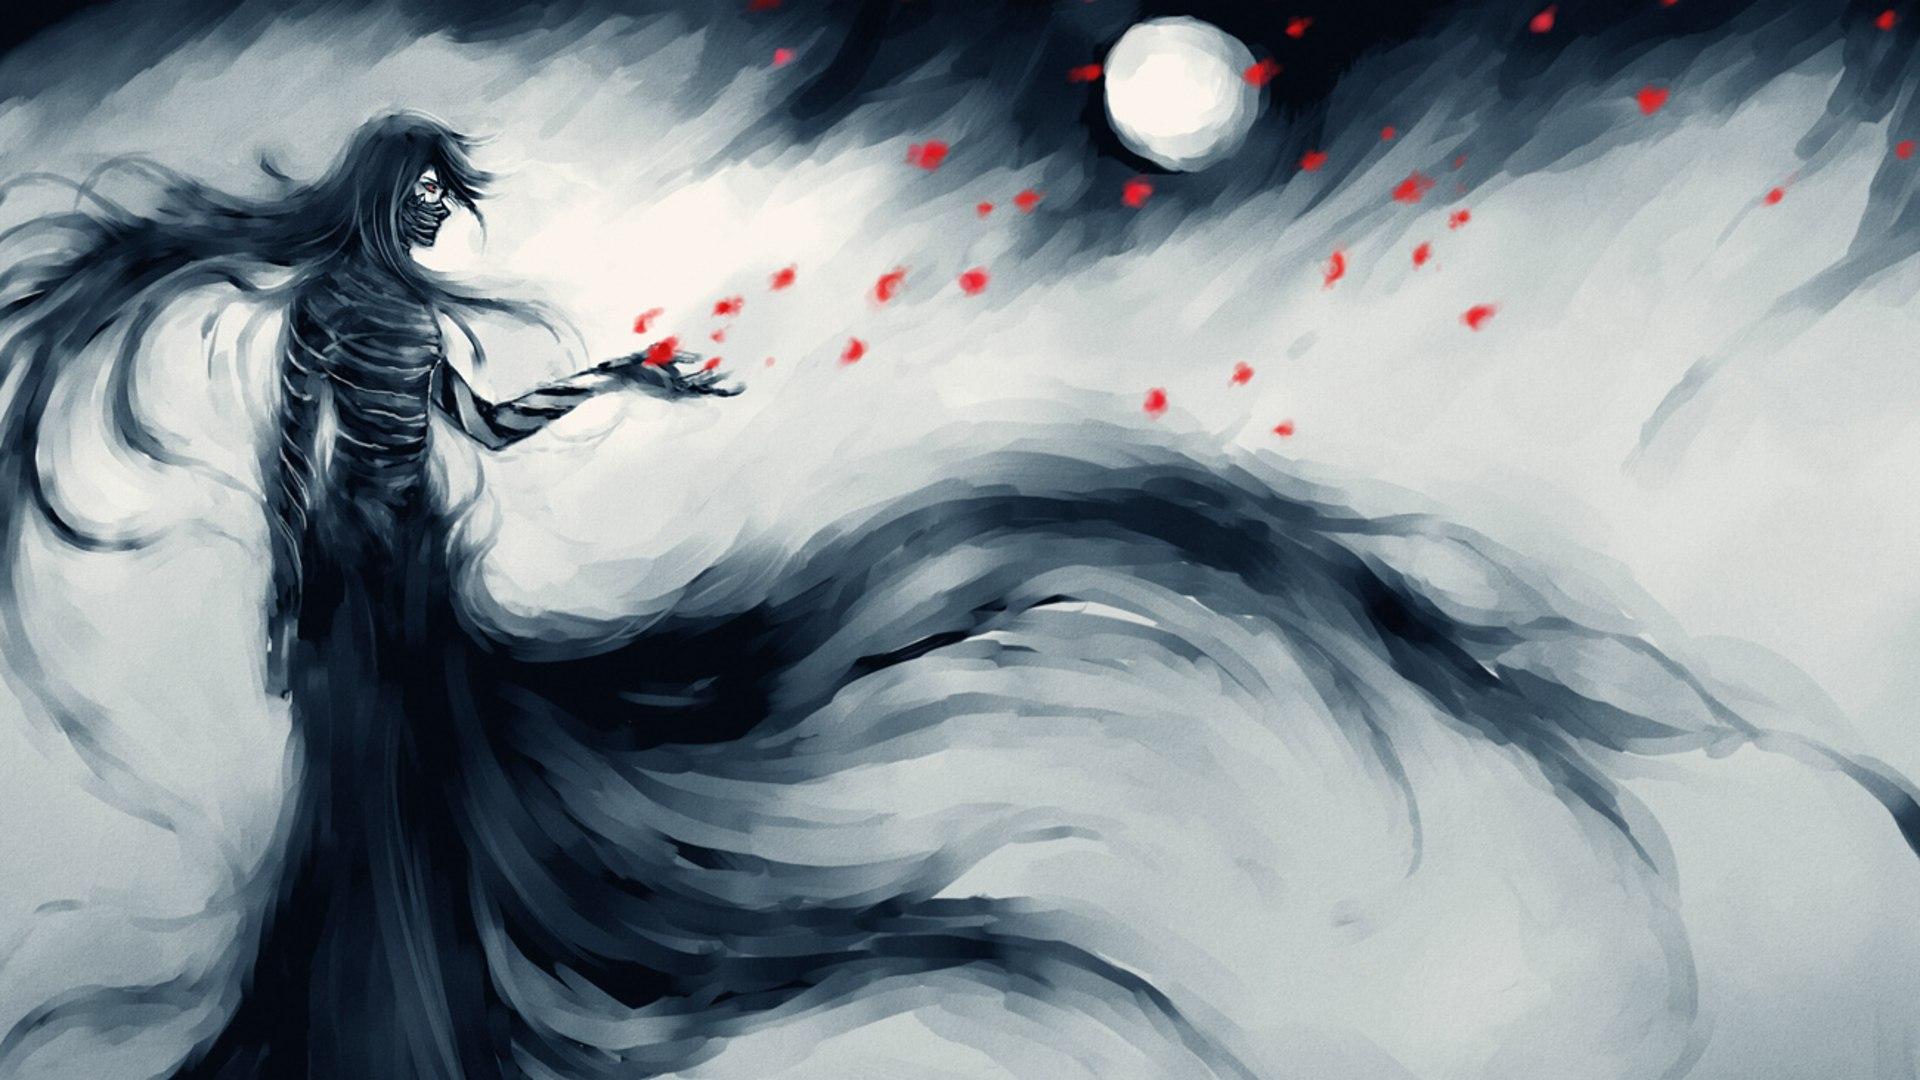 Bleach Wallpapers darkness